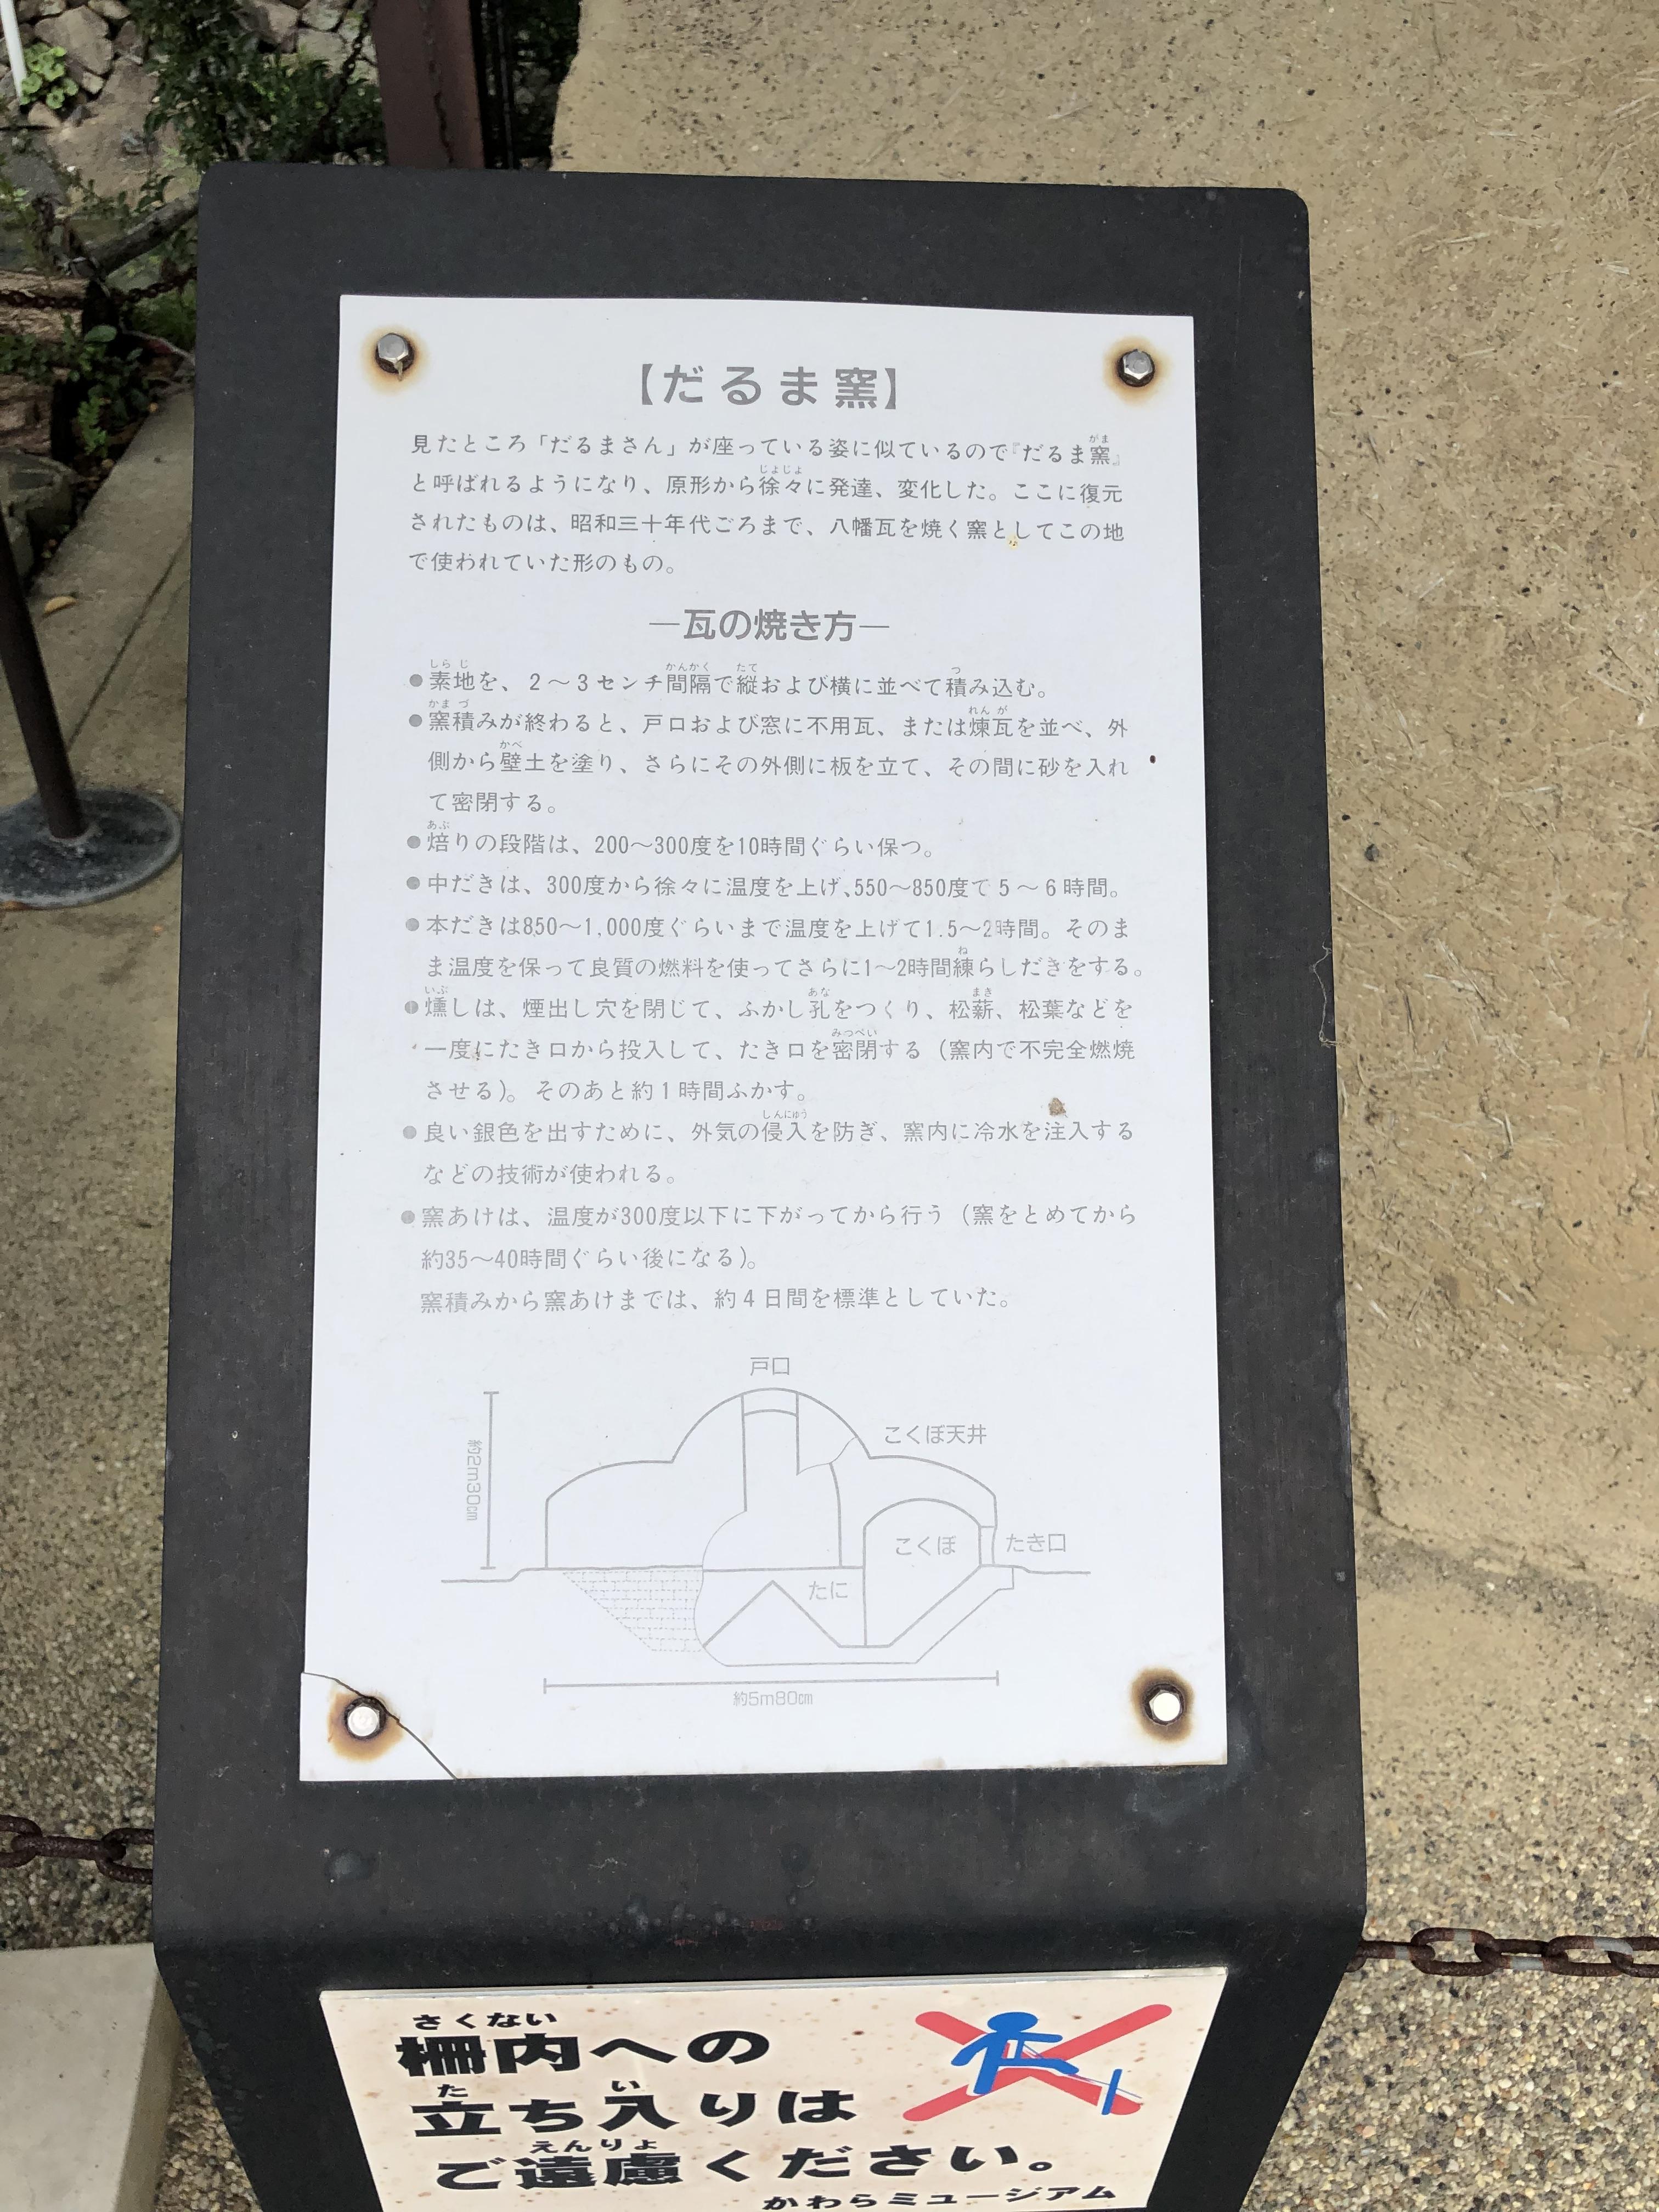 ハーレーとカワサキで行く近江八幡ツーリング 八幡堀 瓦ミュージアム